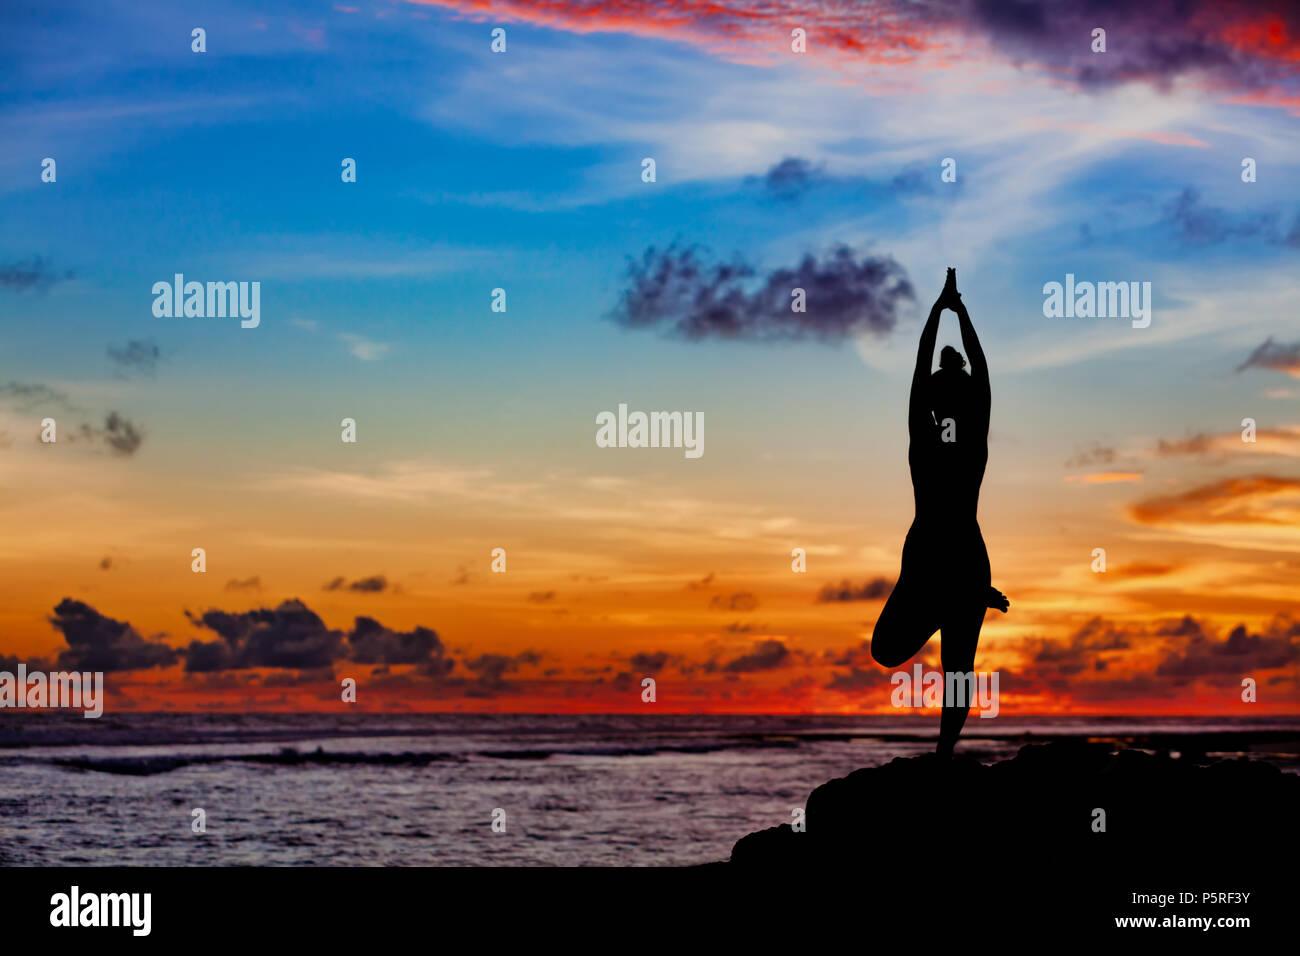 Sunset meditazione silhouette donna attiva stand yoga in posa sulla spiaggia rock per mantenere la forma e la salute. Uno stile di vita sano, allenamento di fitness e attività sportive Immagini Stock